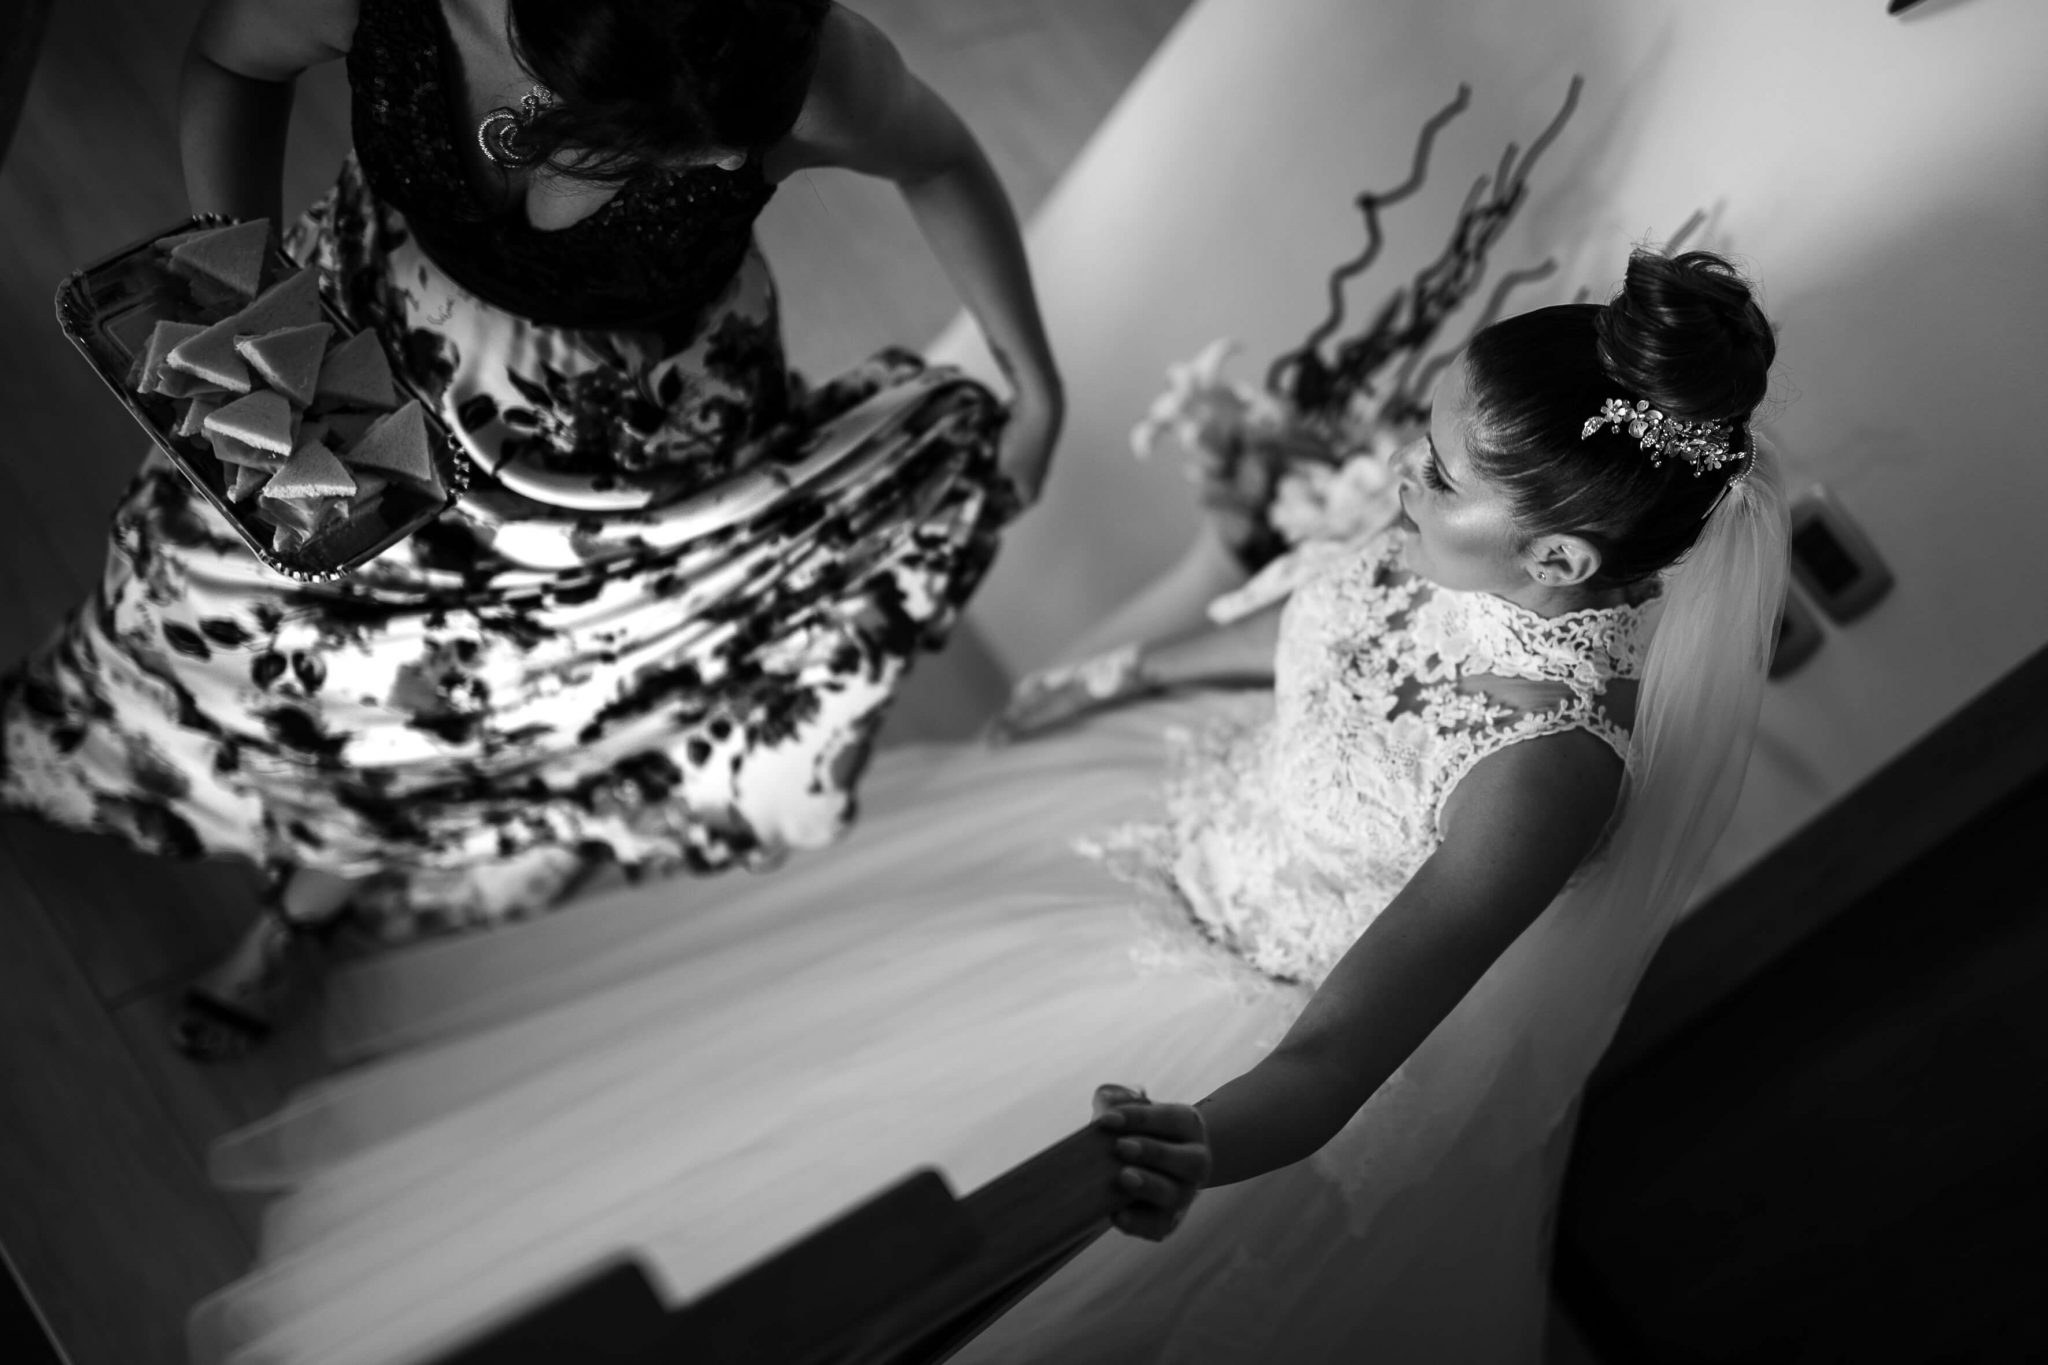 la sposa mentre scende le scale per andare alla cerimonia